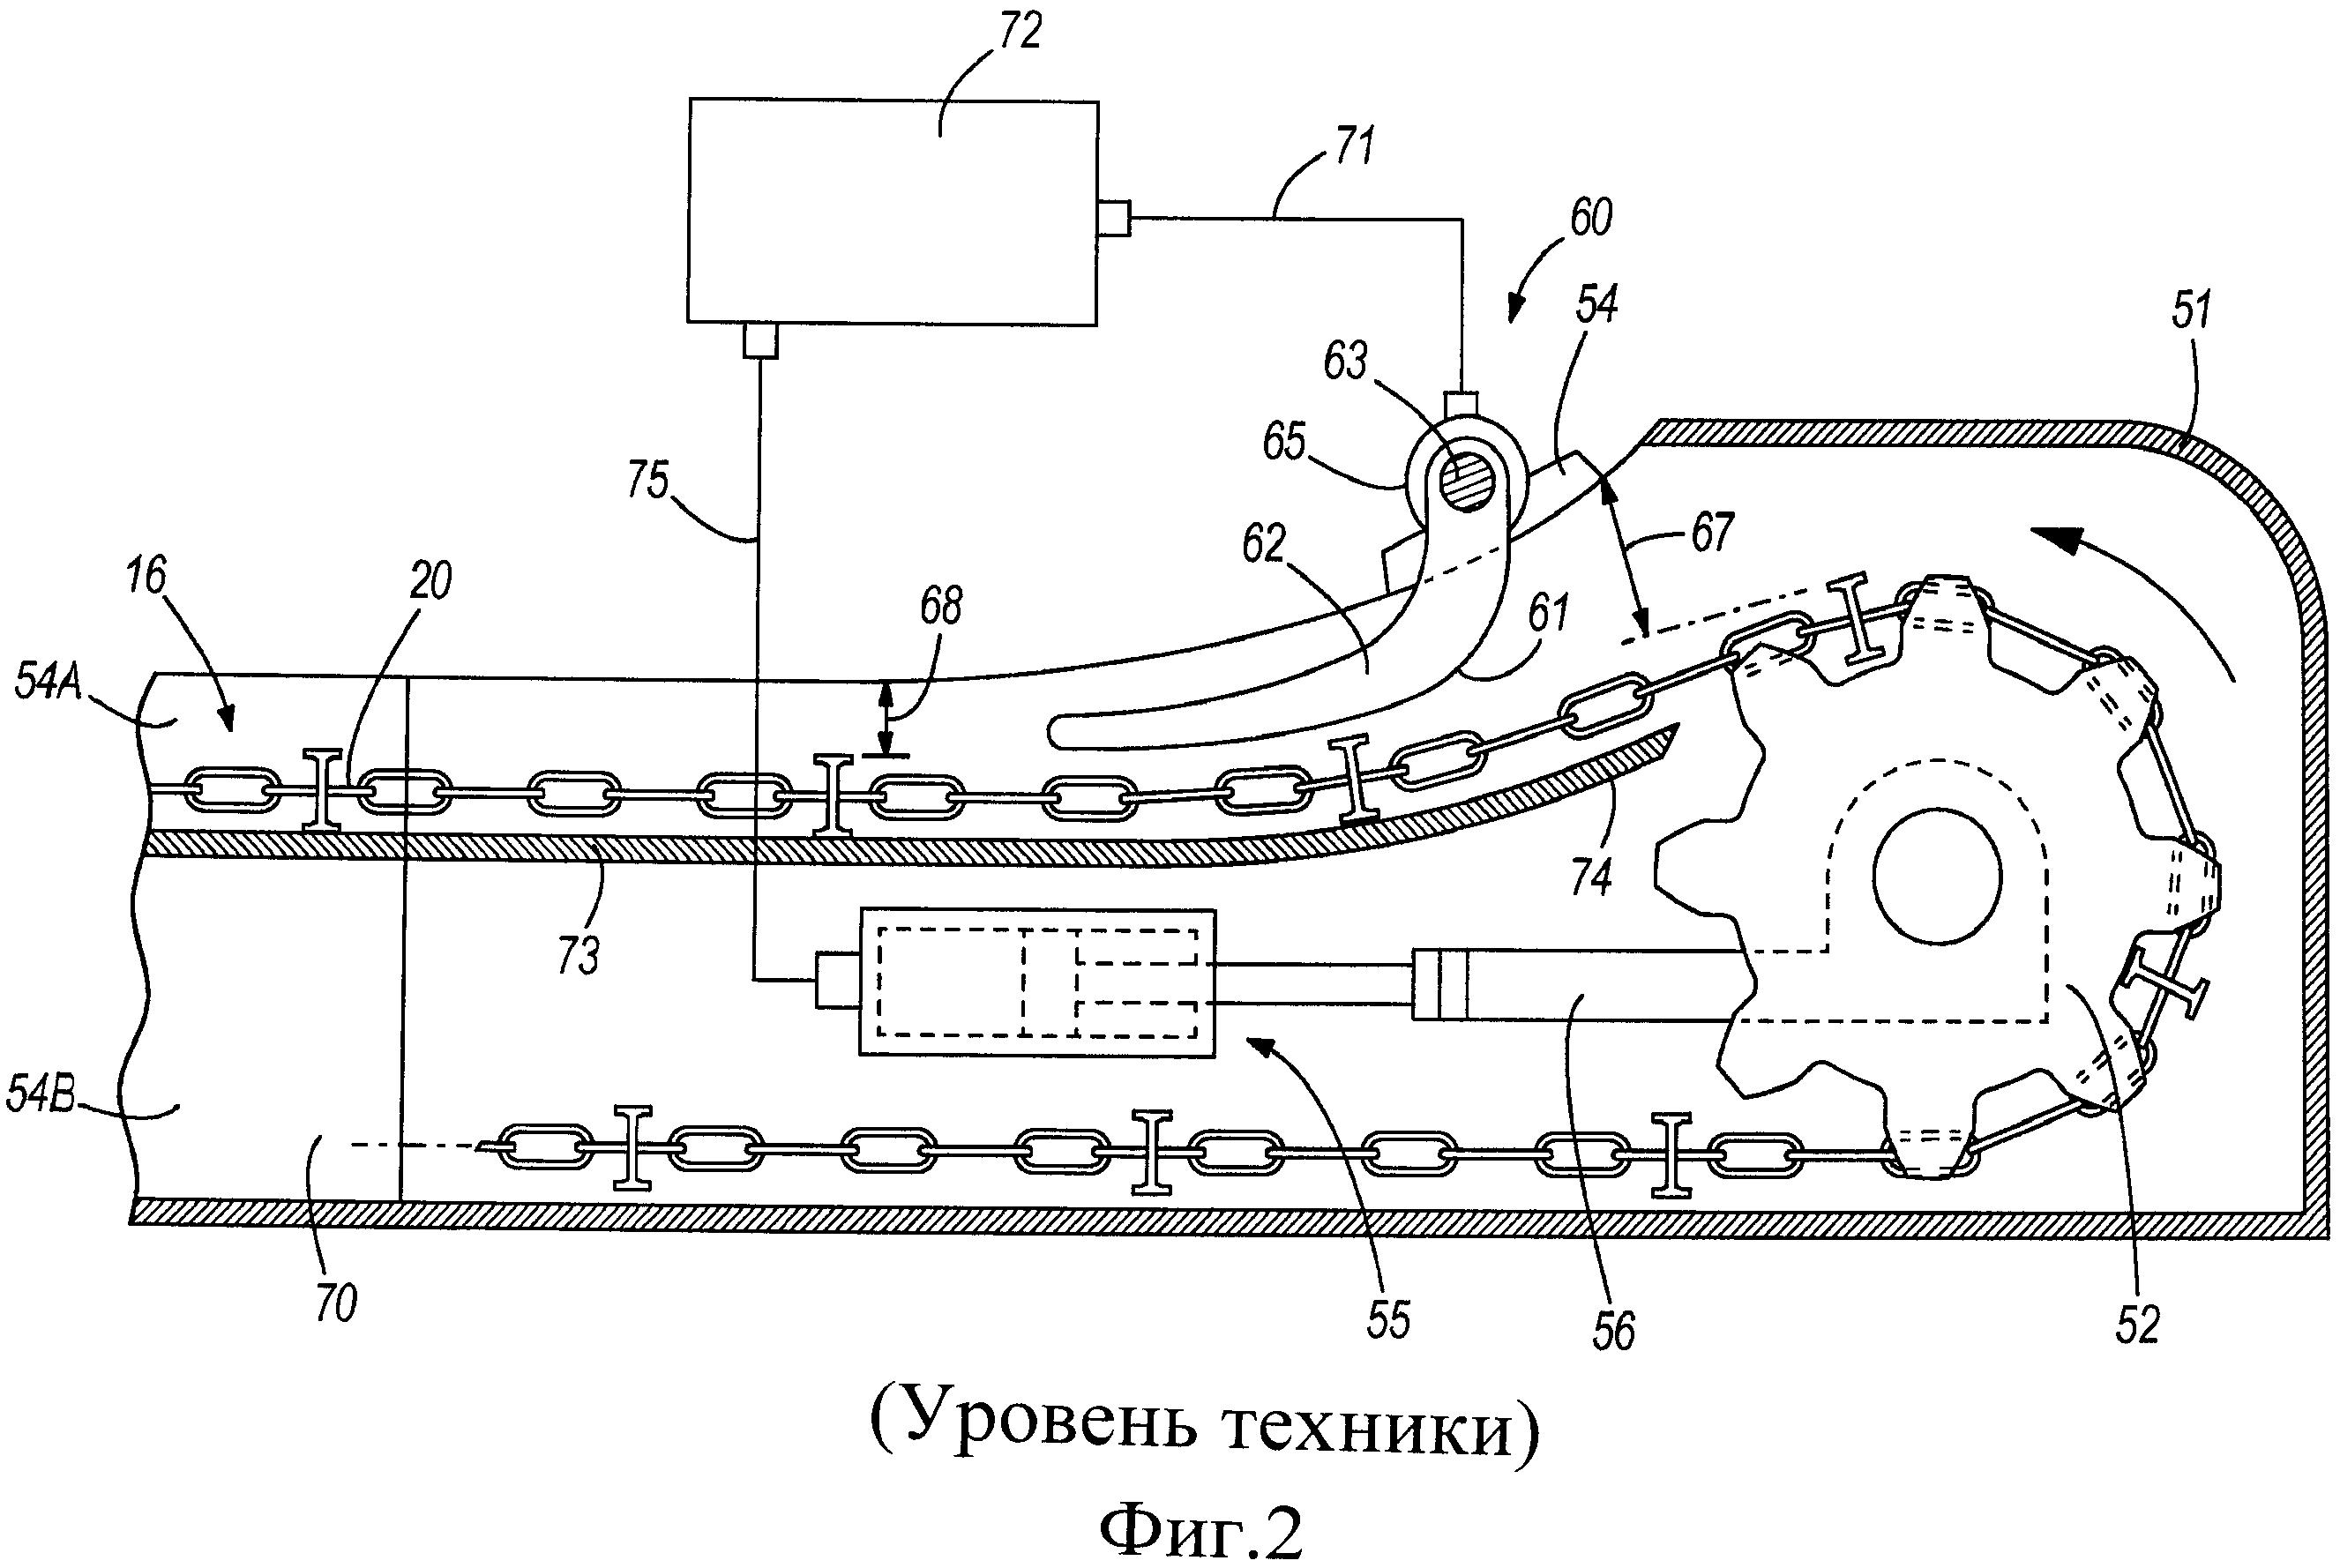 Натяжитель цепного конвейера транспортер твк 80б